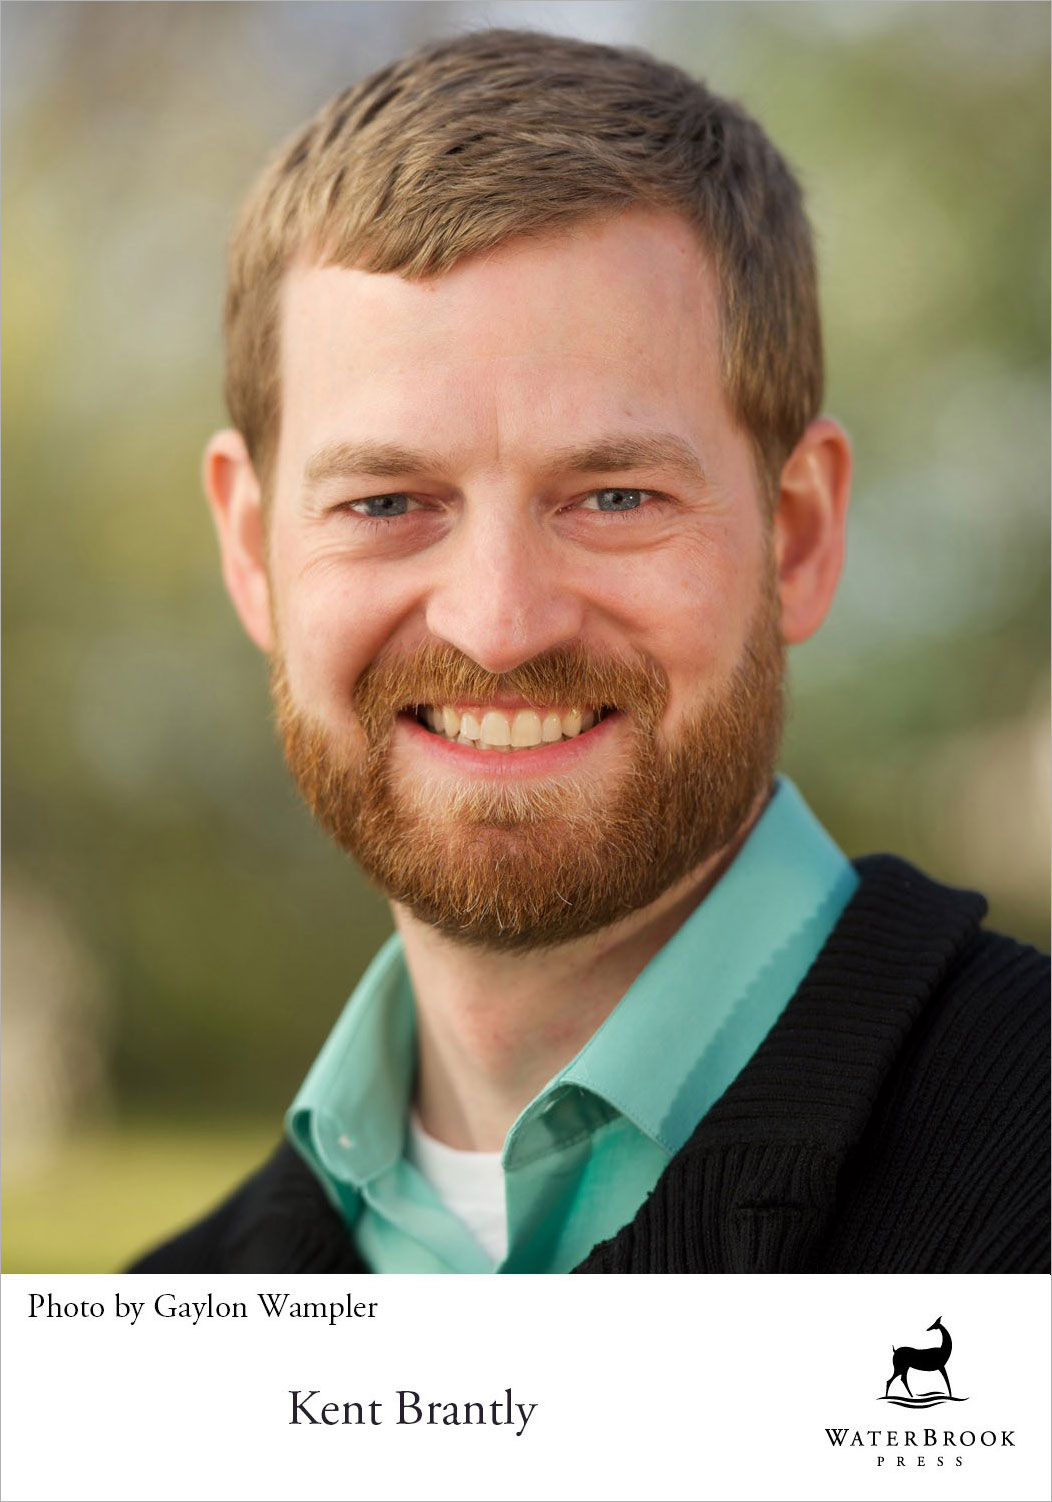 Dr. Kent Brantly, medical missionary and Ebola survivor